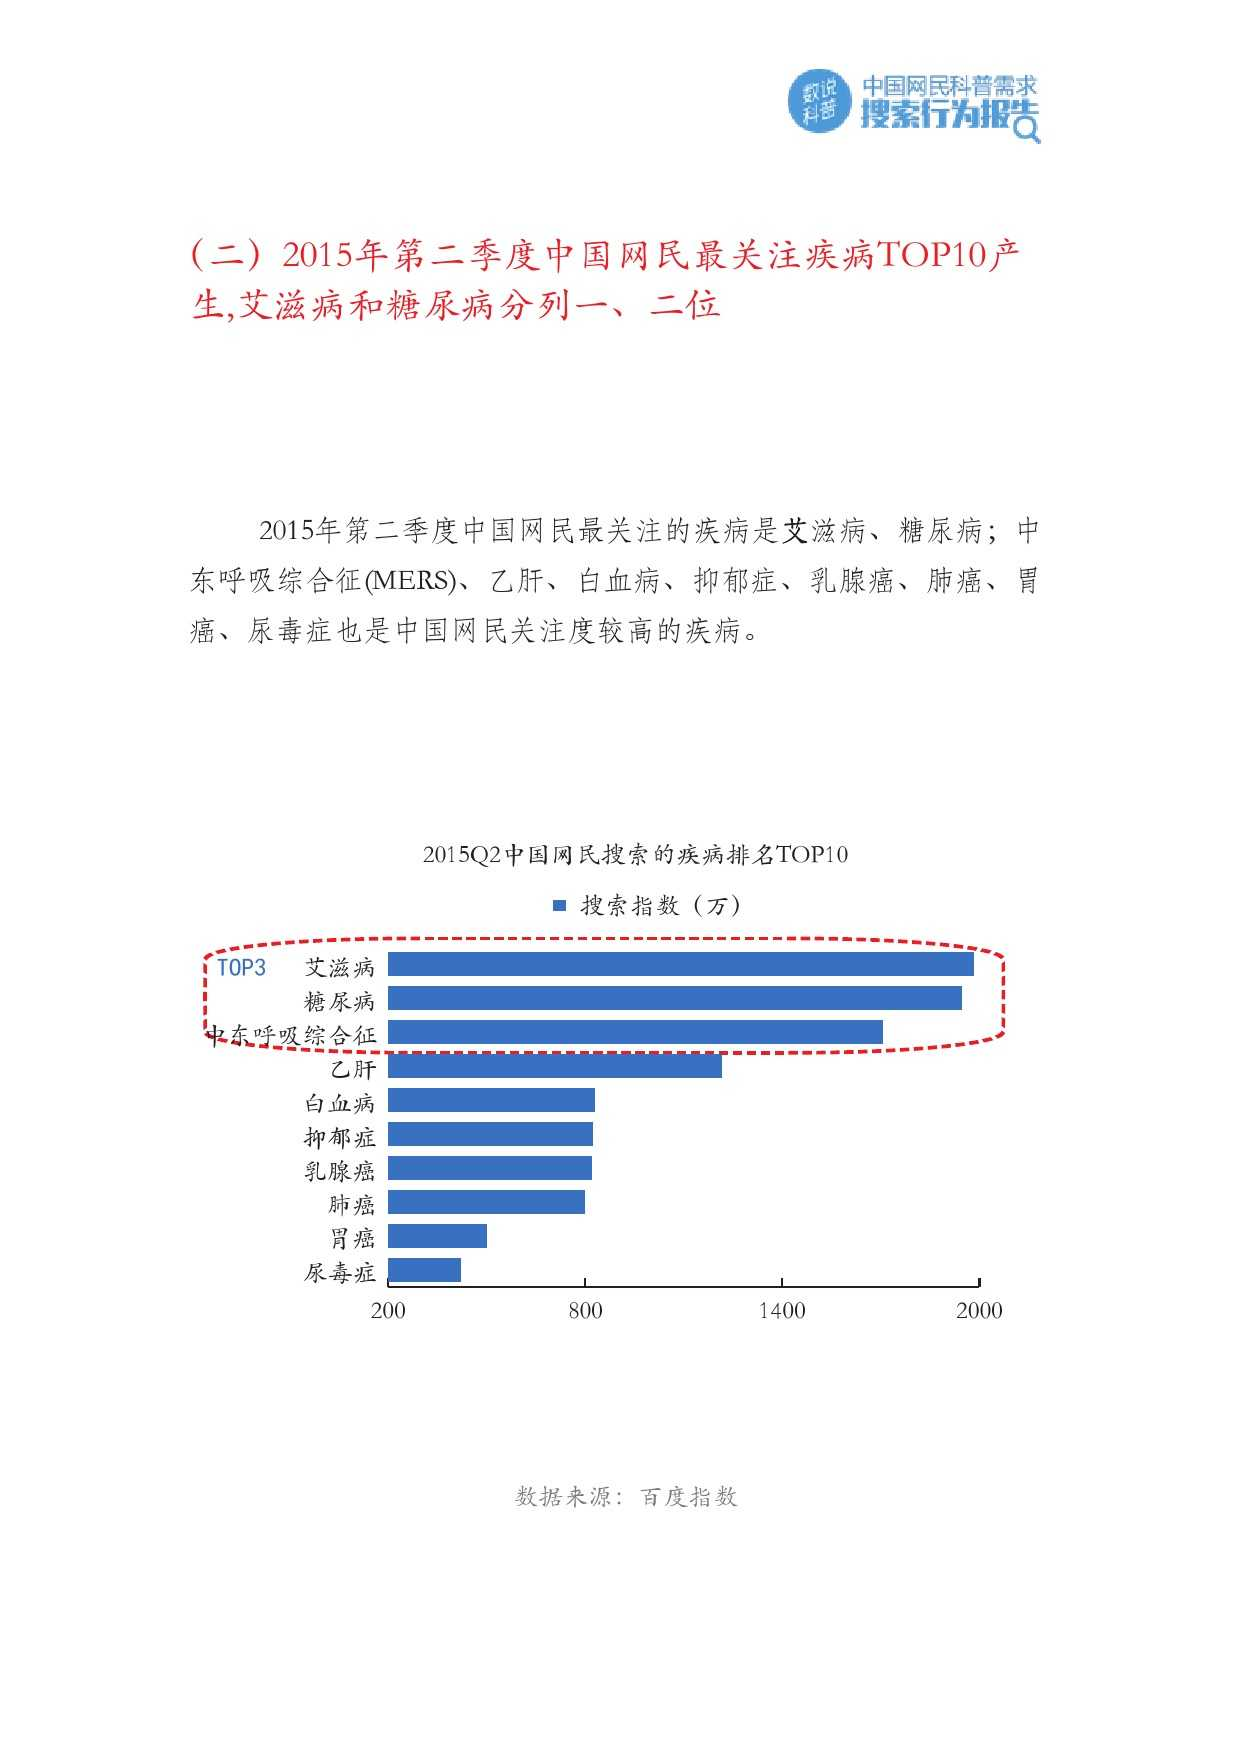 百度:2015年Q2中国网民科普需求搜索行为报告_000010